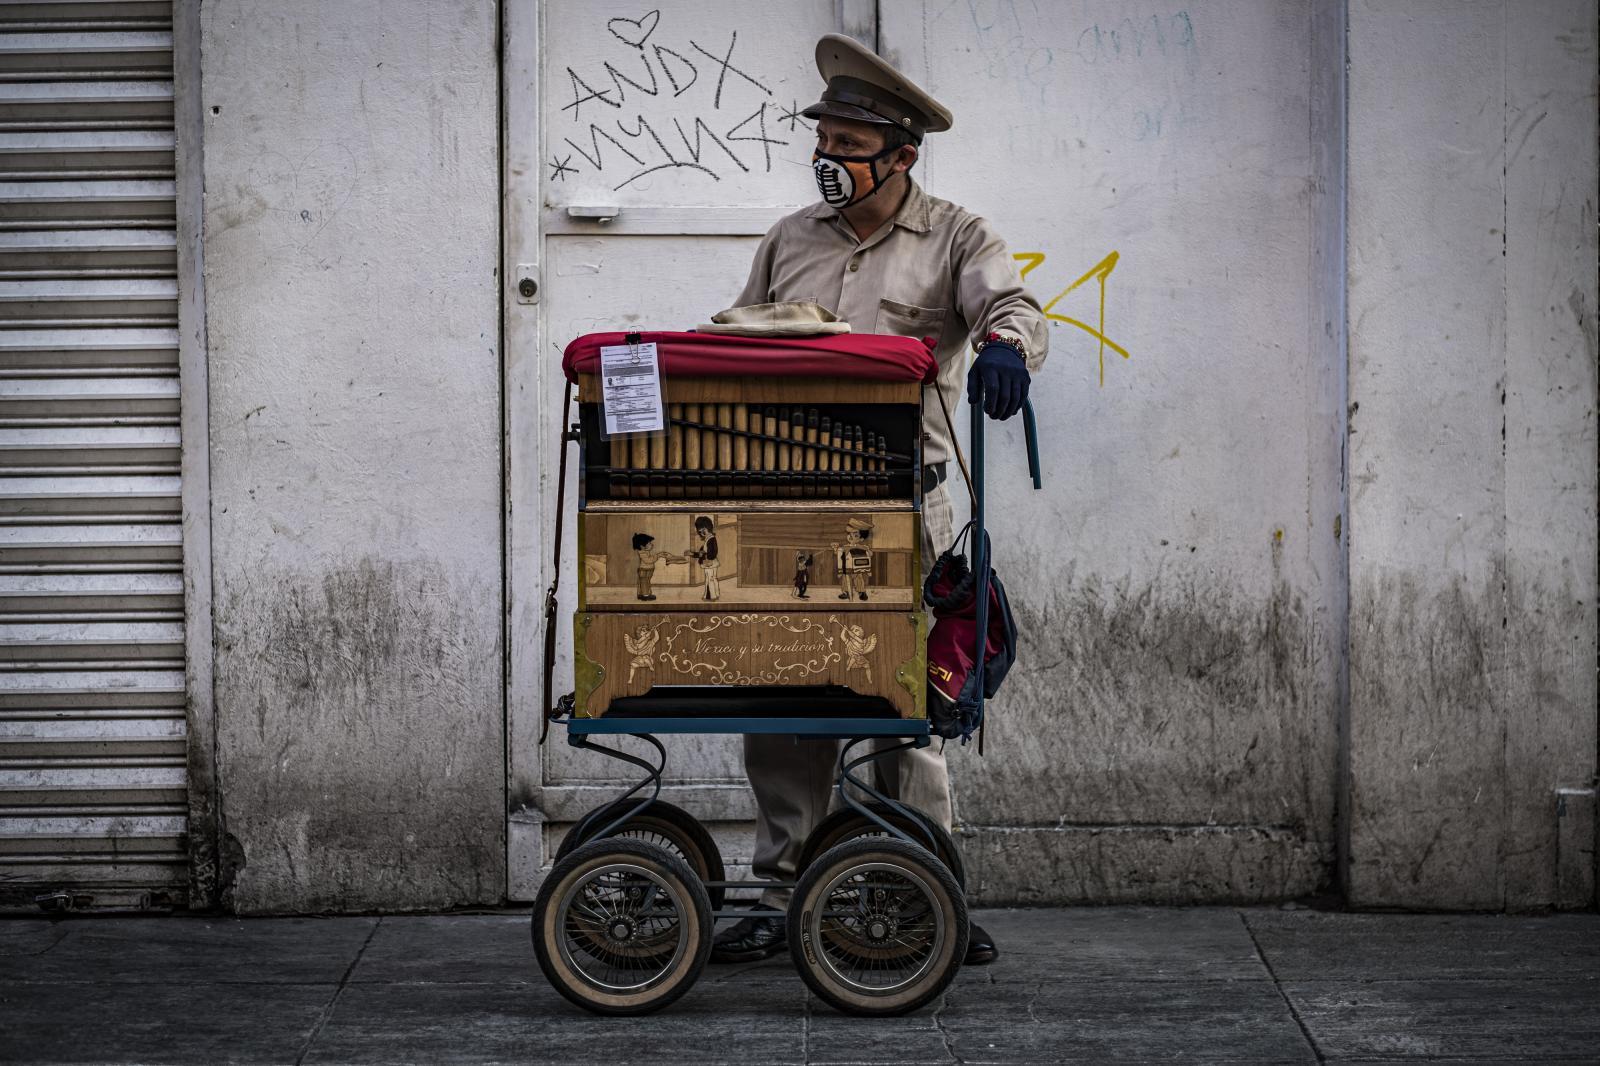 Photography image - Loading Organilleros_en_tiempos_de_covid_19-5.jpg